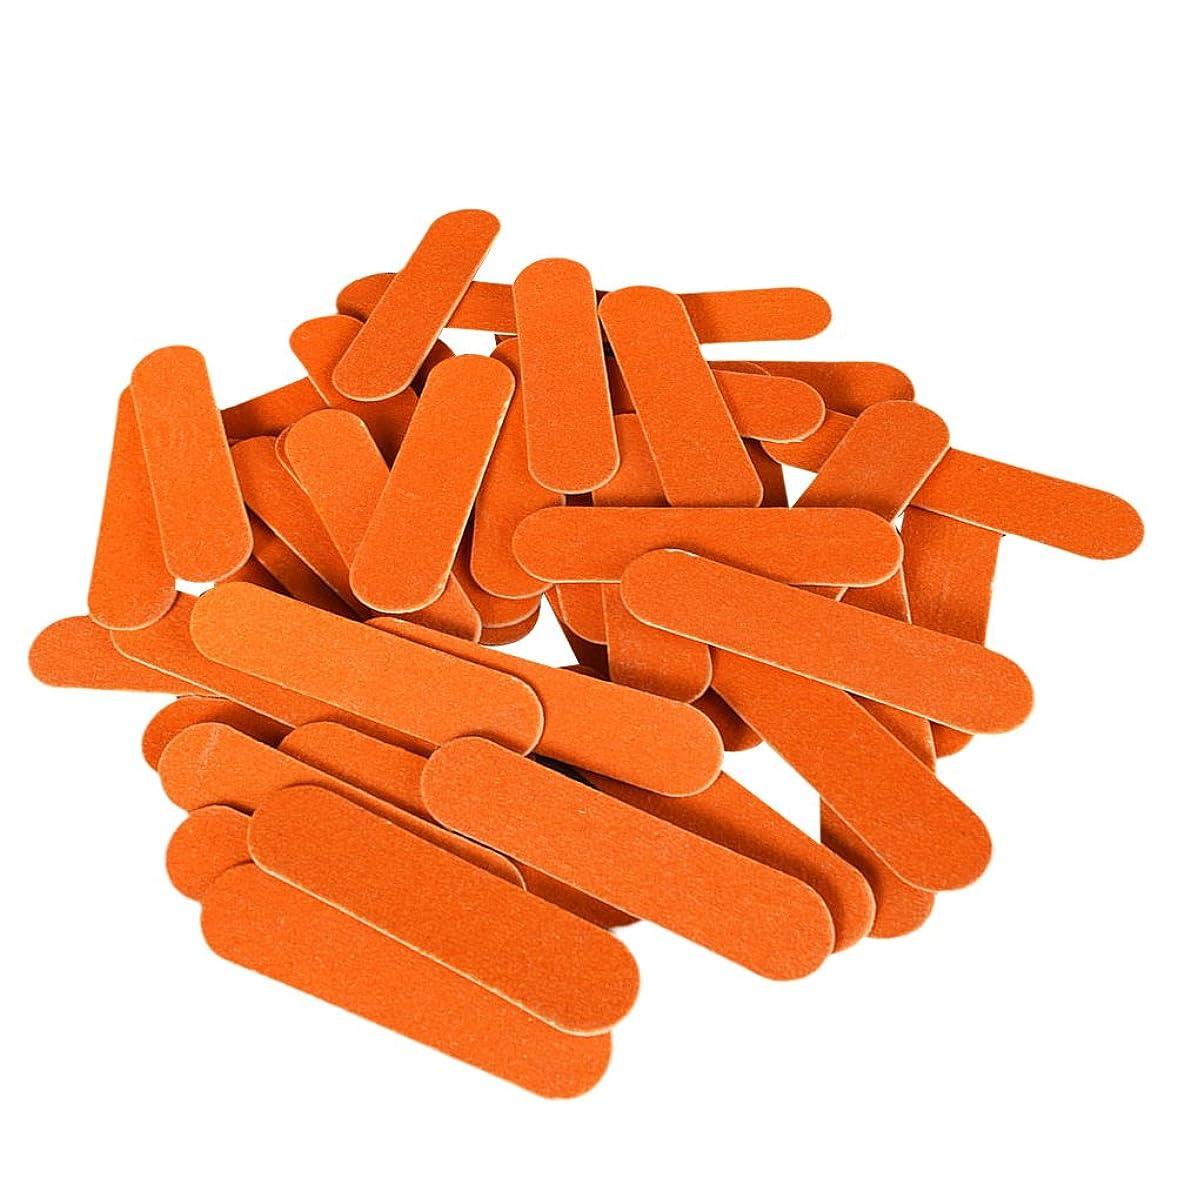 自発的コンパス発疹磨かれた釘の心配のマニキュア用具をトリミングするための50の釘ファイルそして緩衝ブロック